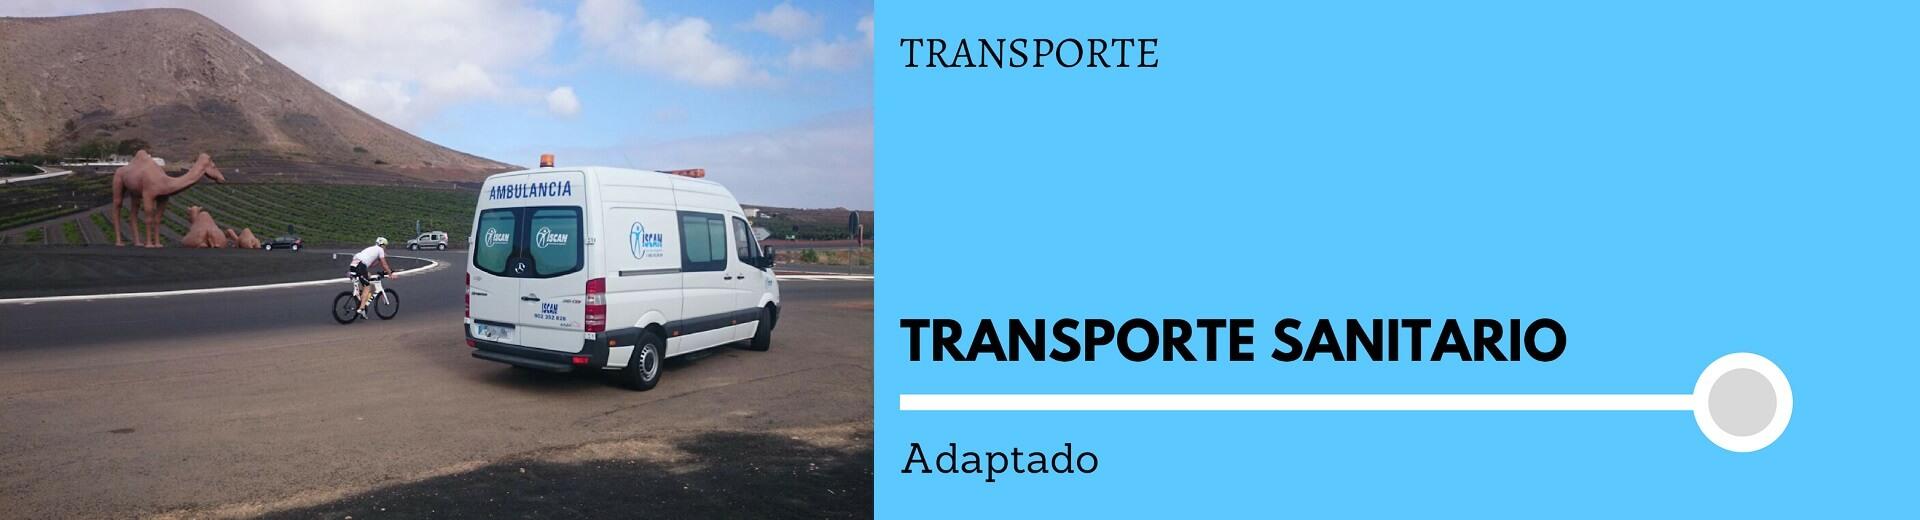 ISCAN_transporteadaptado